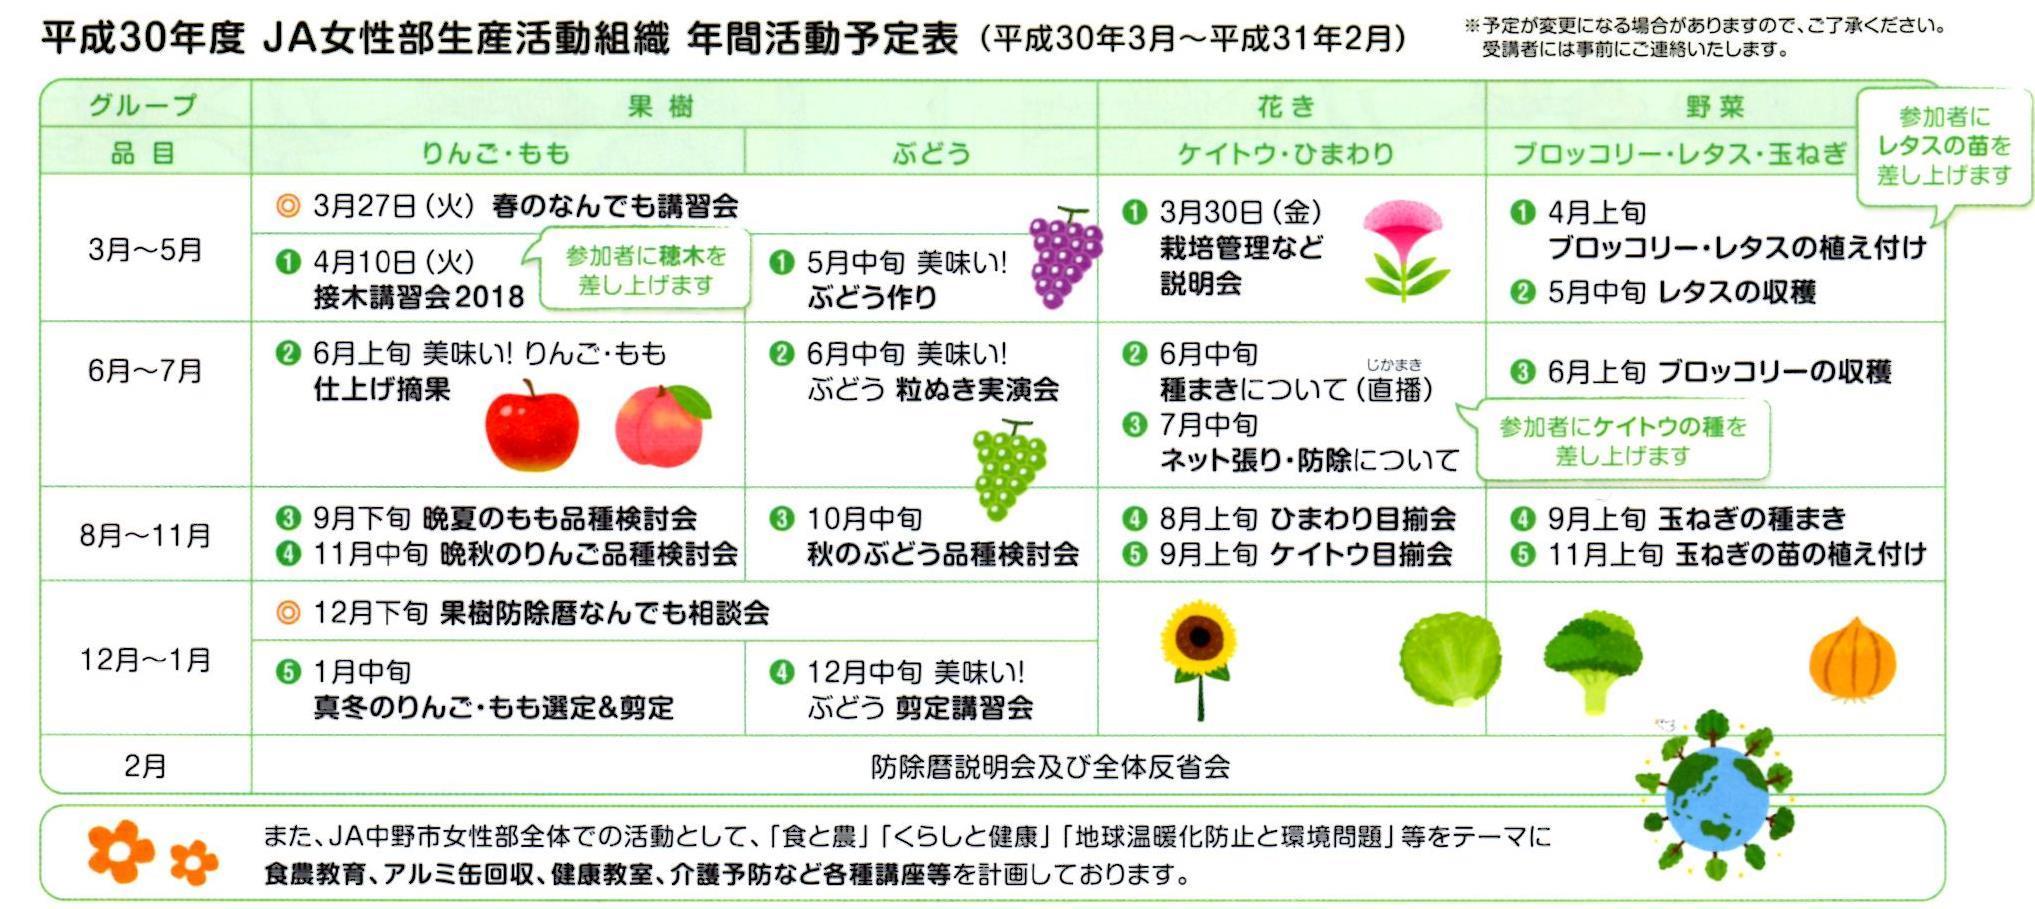 女性部生産活動2018.jpg